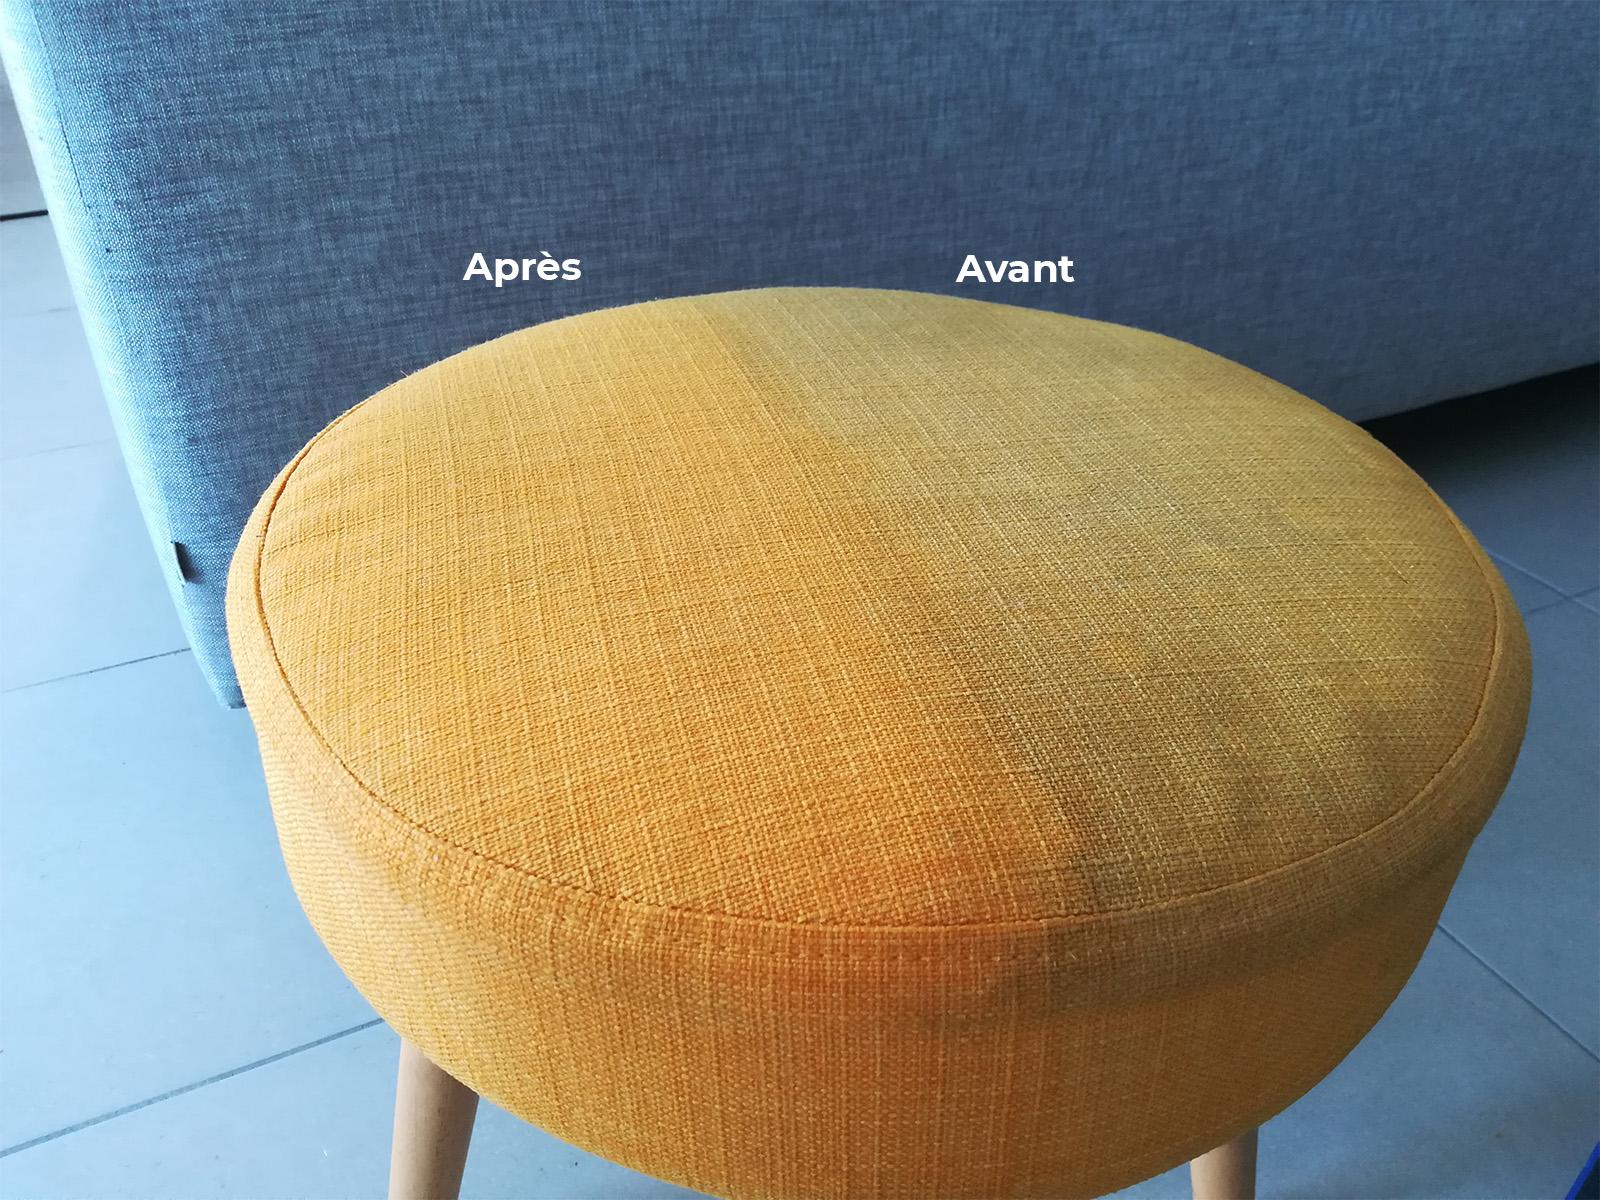 Entretien Du Cuir D Ameublement nettoyage mobilier textile bordeaux, arcachon, ferret